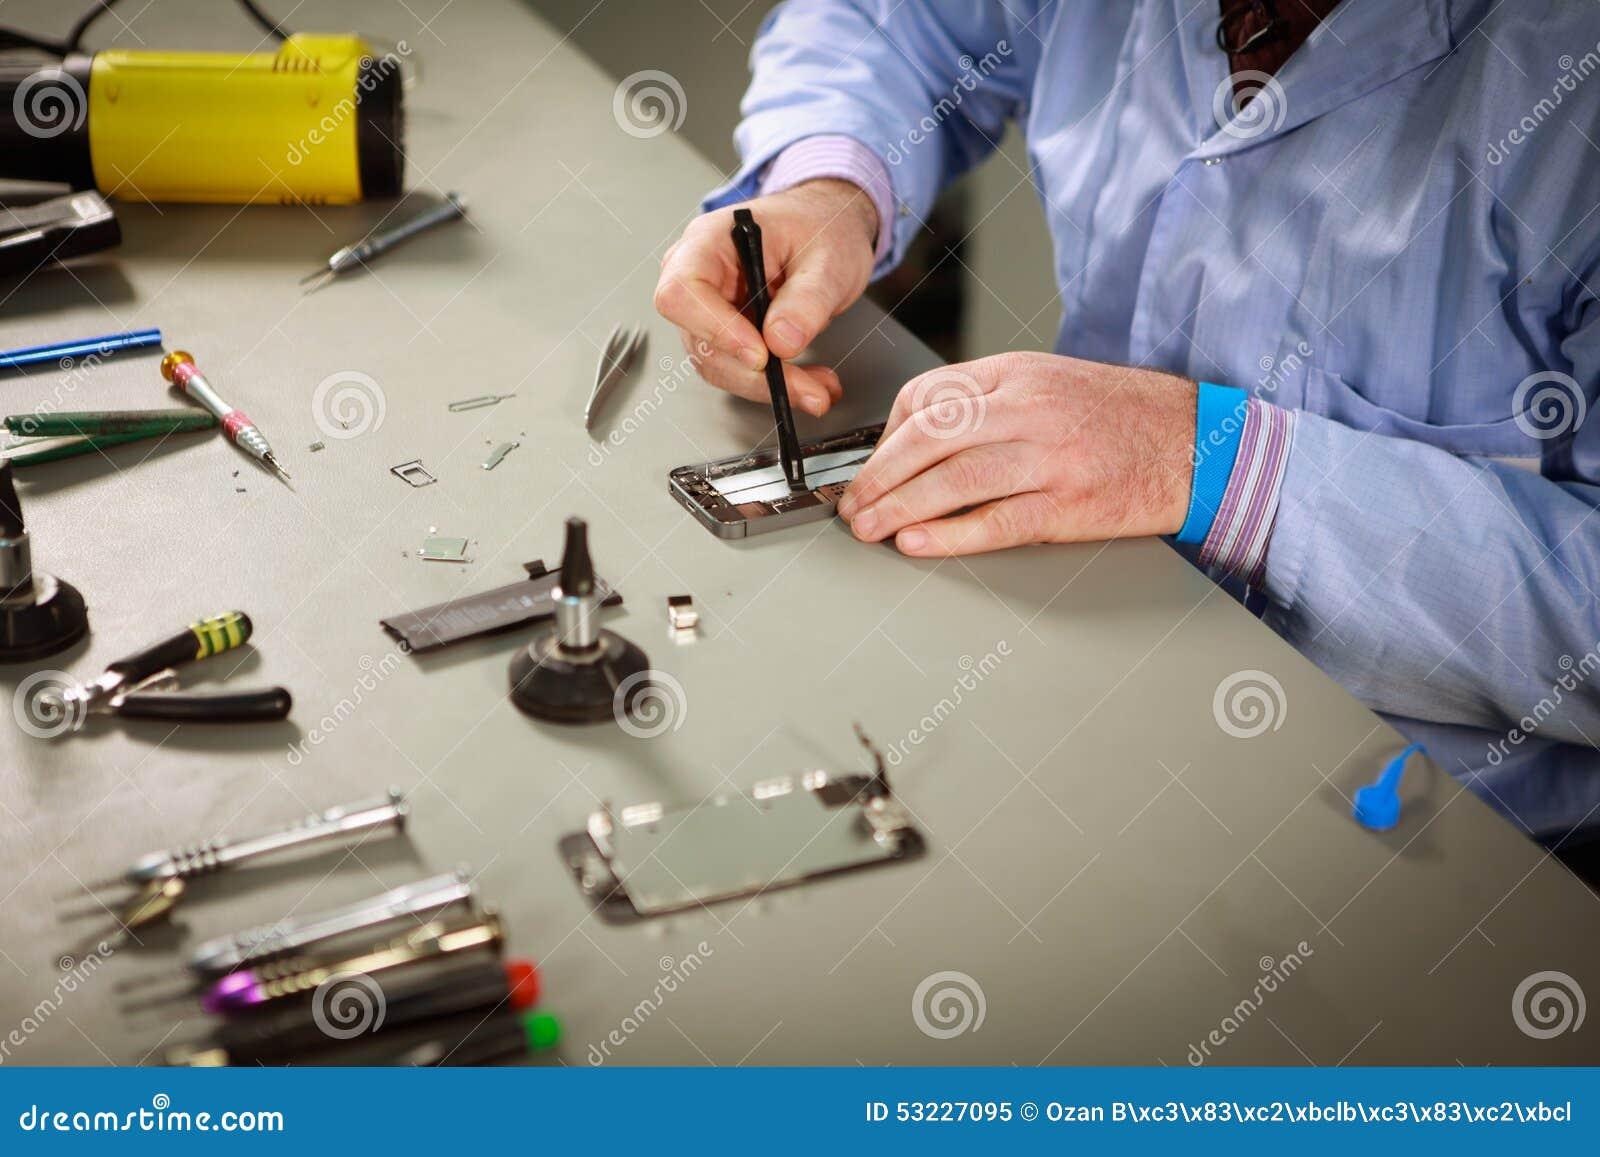 Reparación de Smartphone